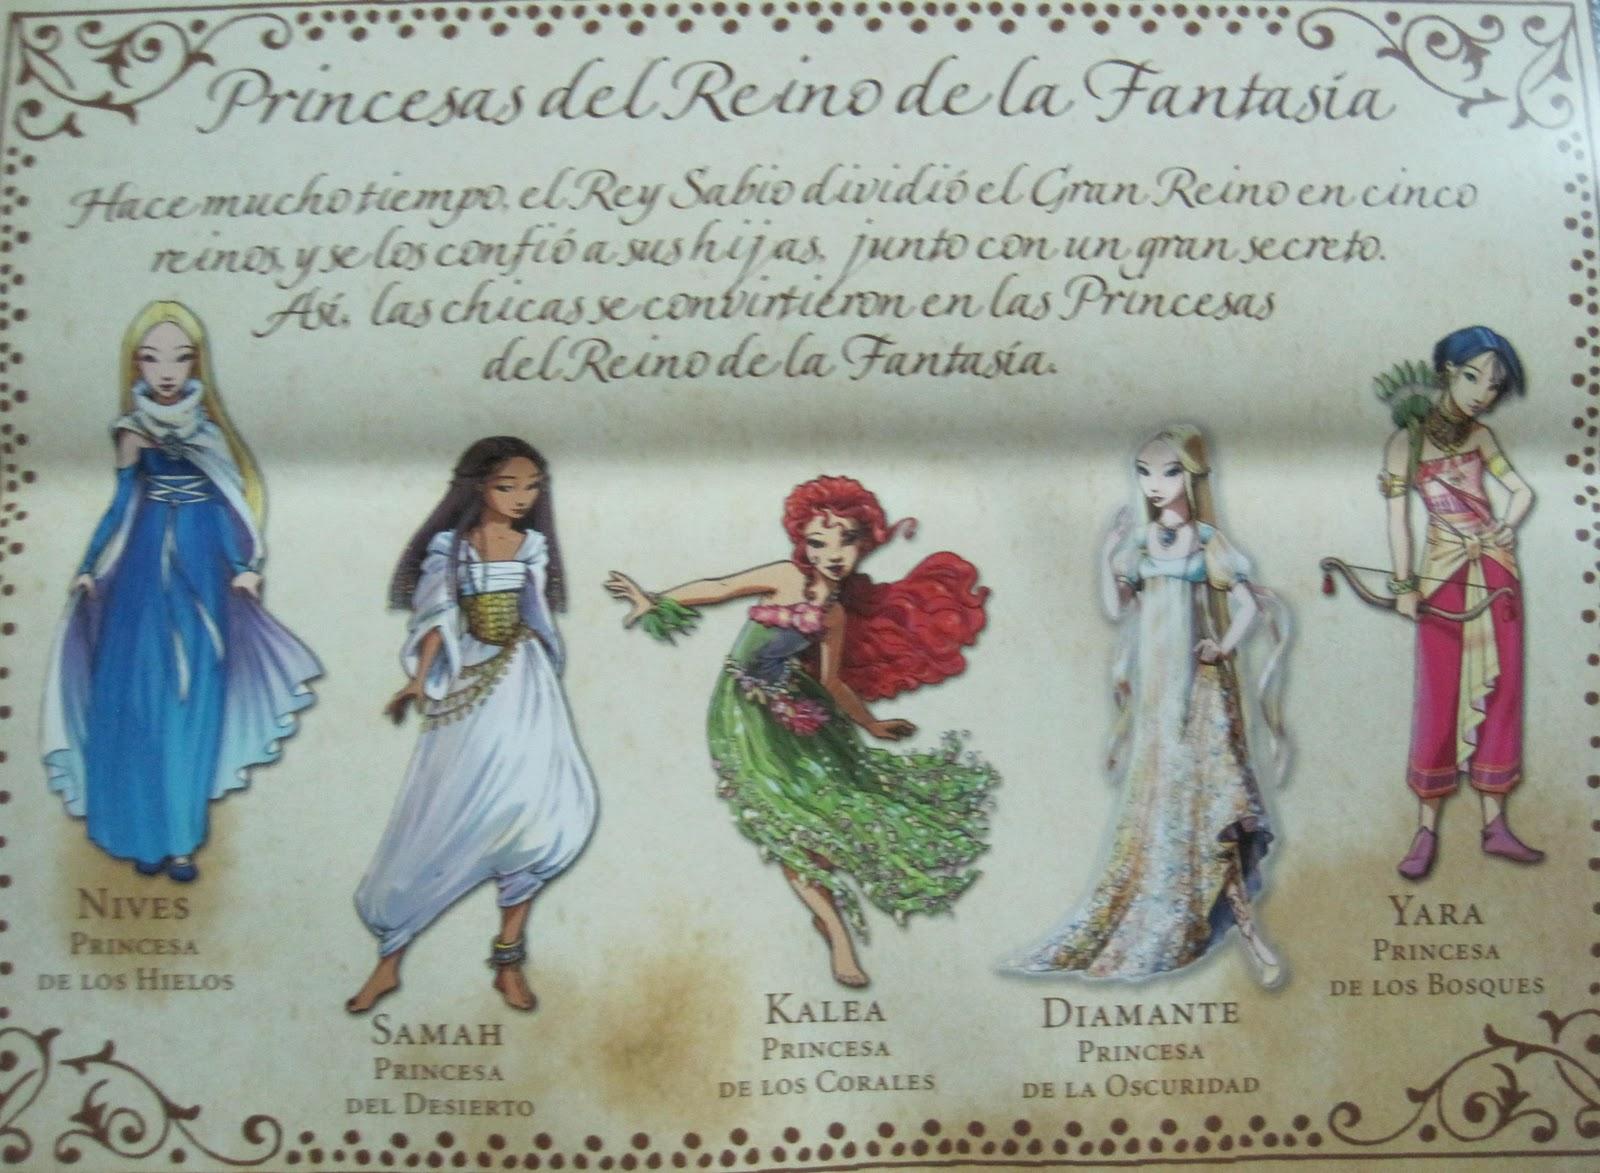 Princesas del Reino de la Fantasia/Tea Stilton Eso